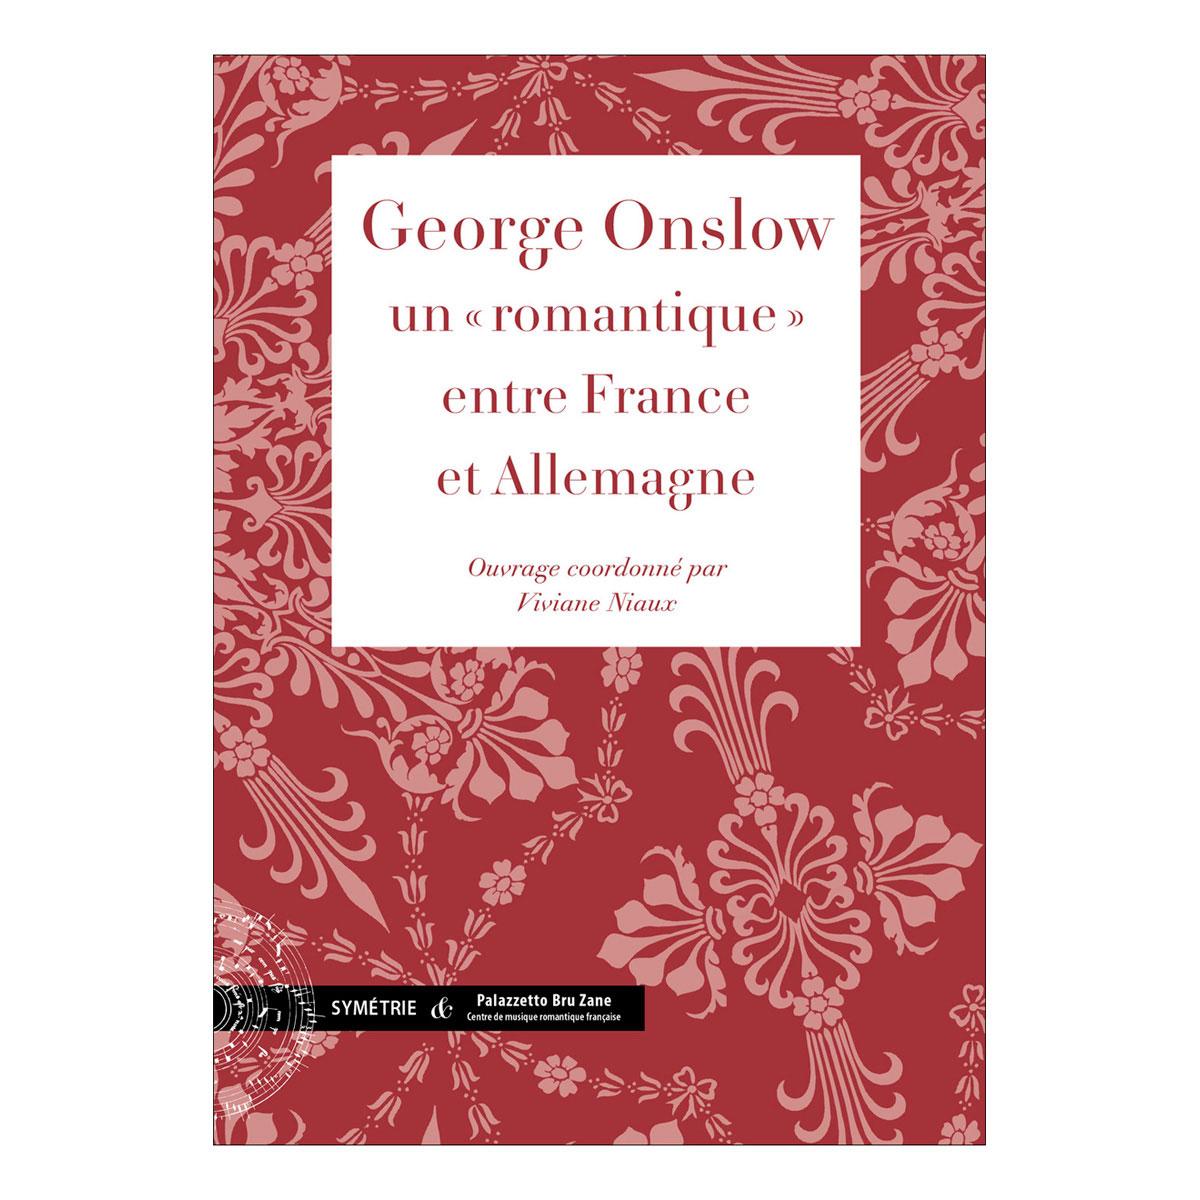 Niaux V. - George Onslow, Un Romantique Entre France Et Allemagne - Biographie